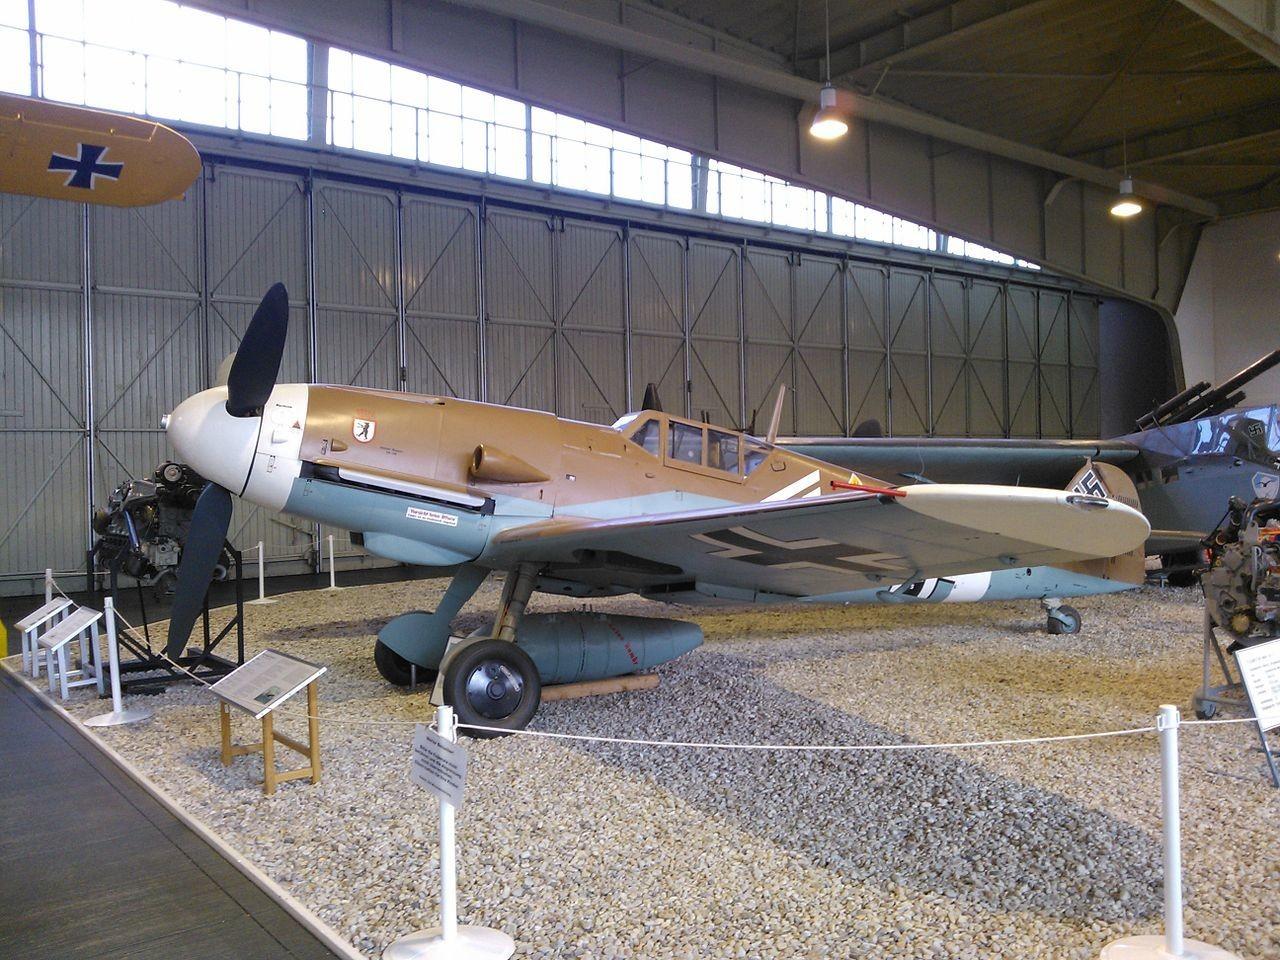 Messerschmitt Bf 109G-2 de Mato Dukovac.